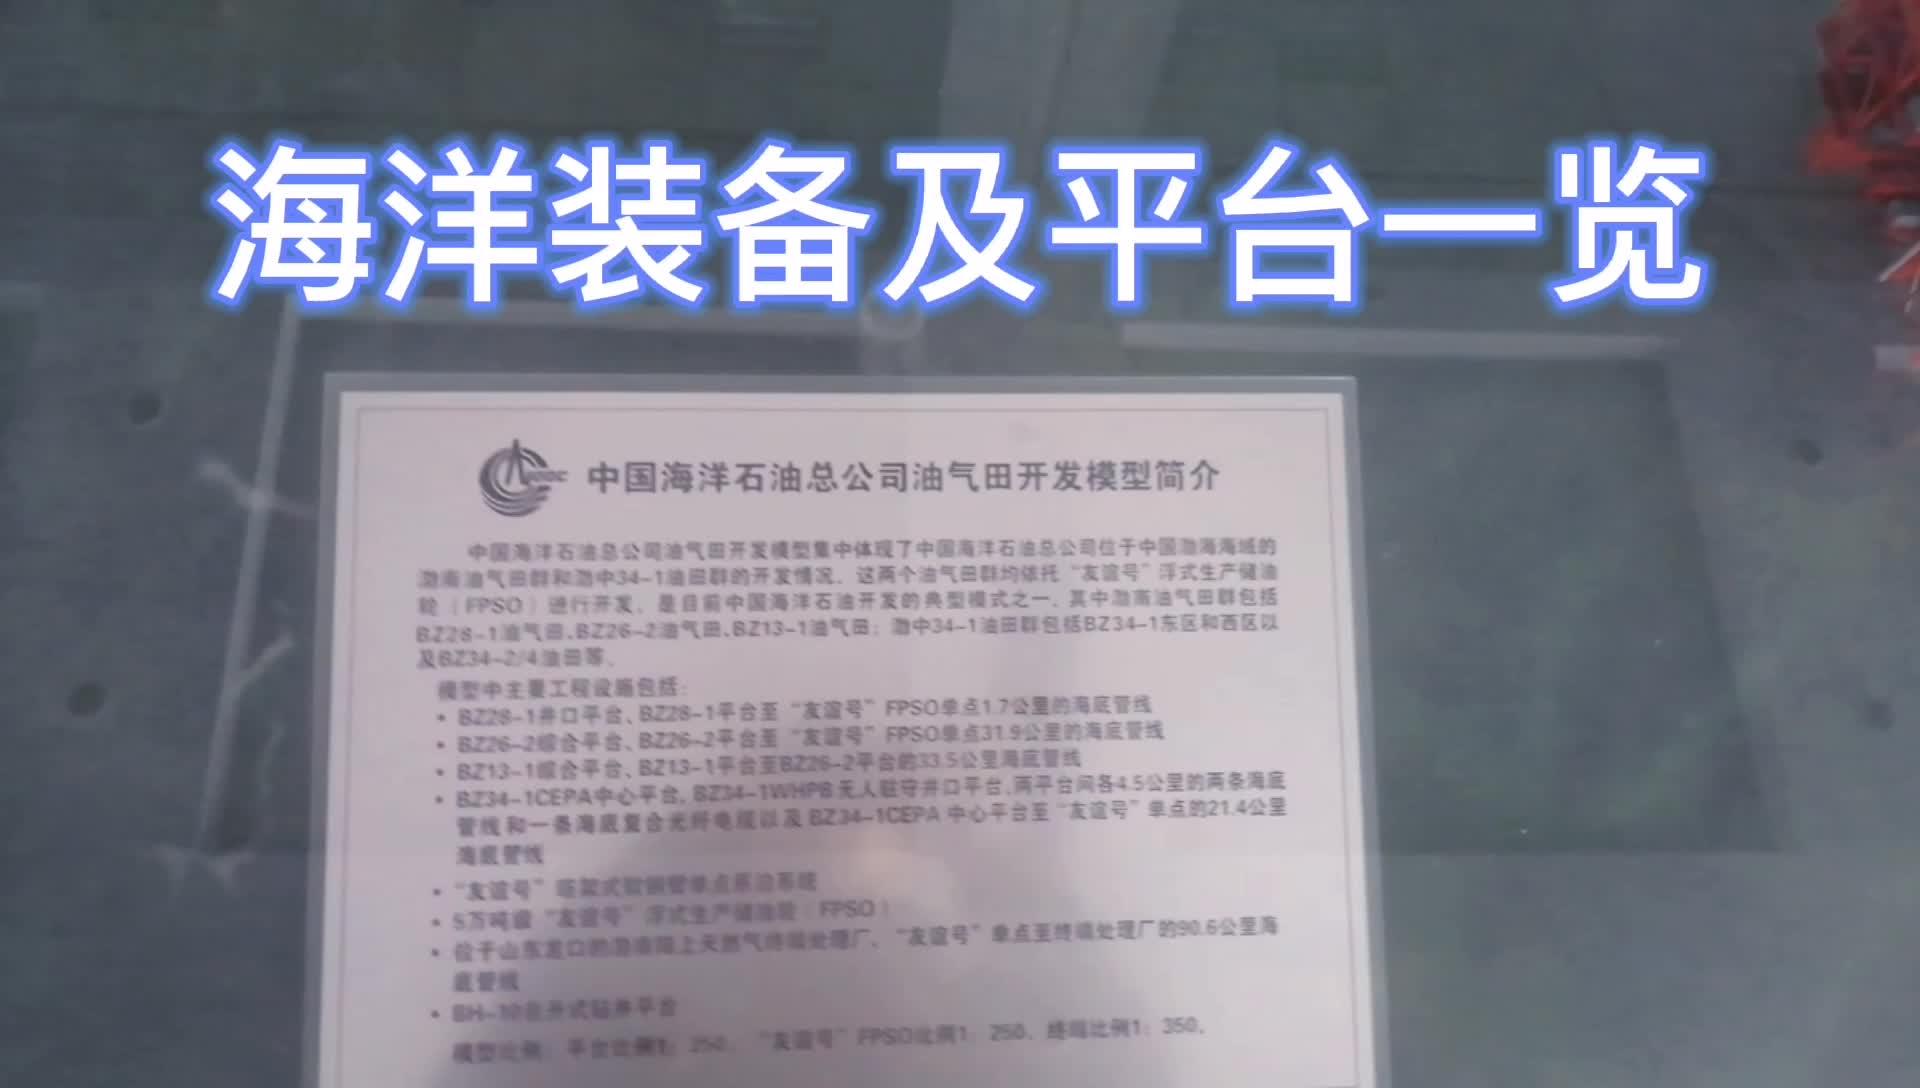 106 中国石油大学(北京) 海洋油气工程 谭尤龙 刘尧 李晨康